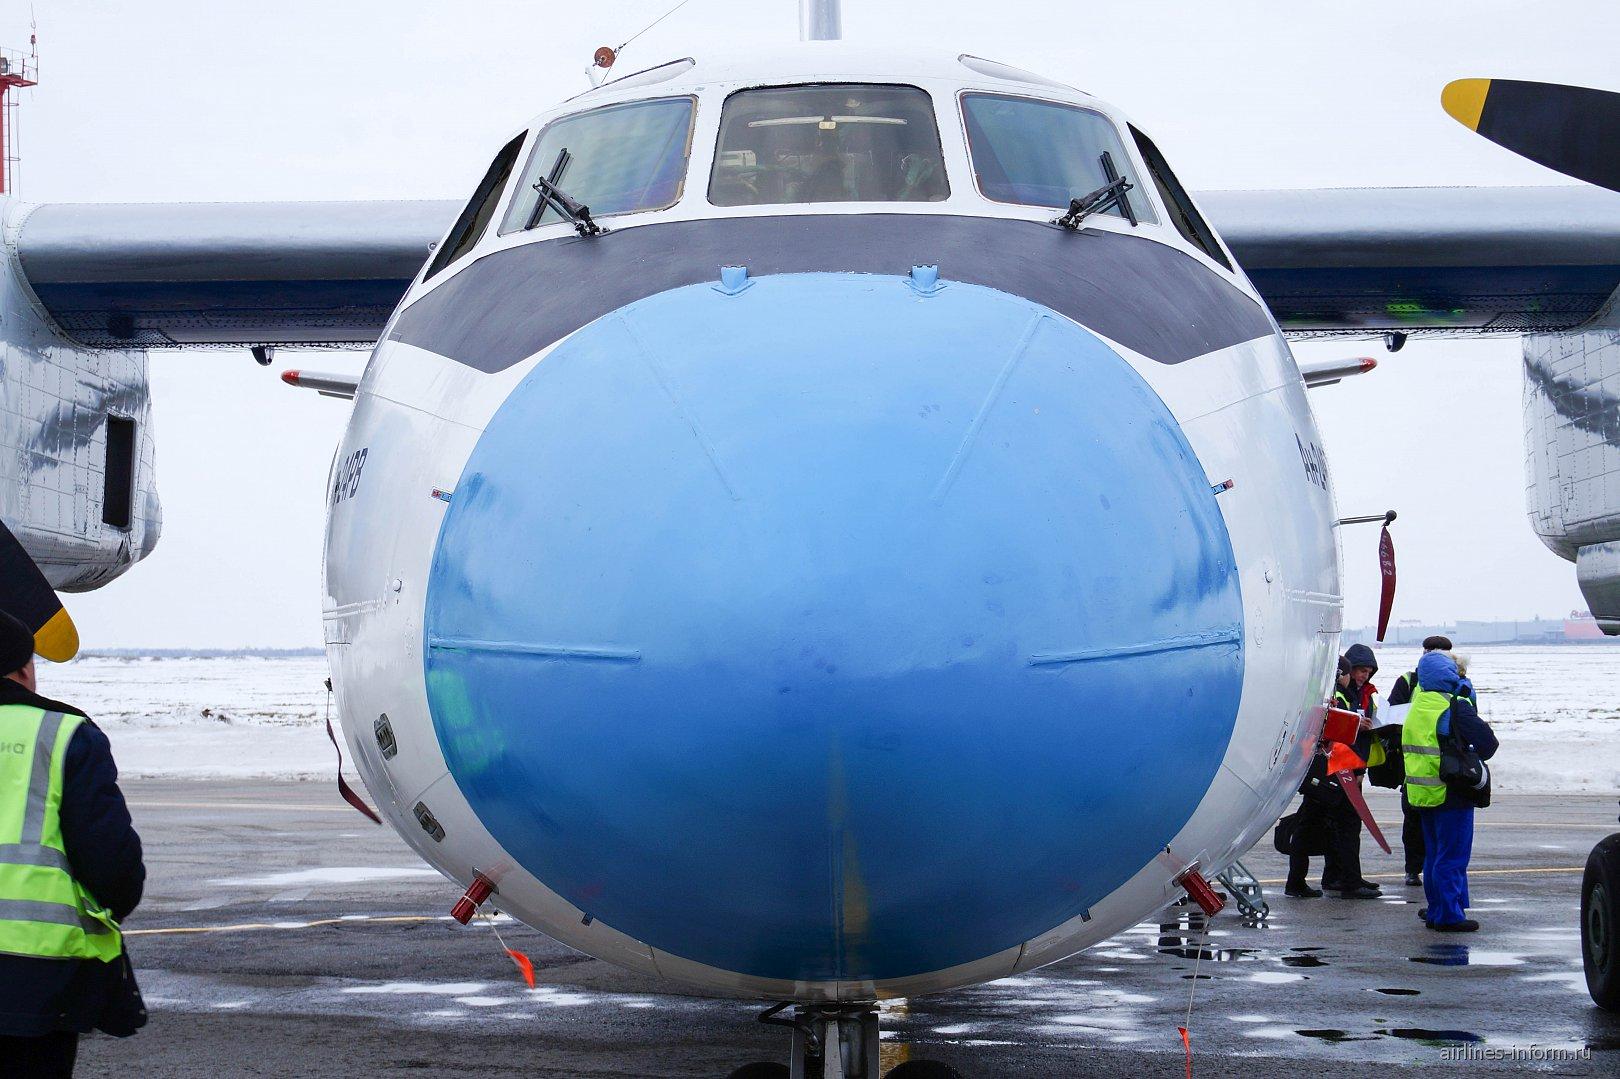 Самолет Ан-24 RA-46682 авиакомпании